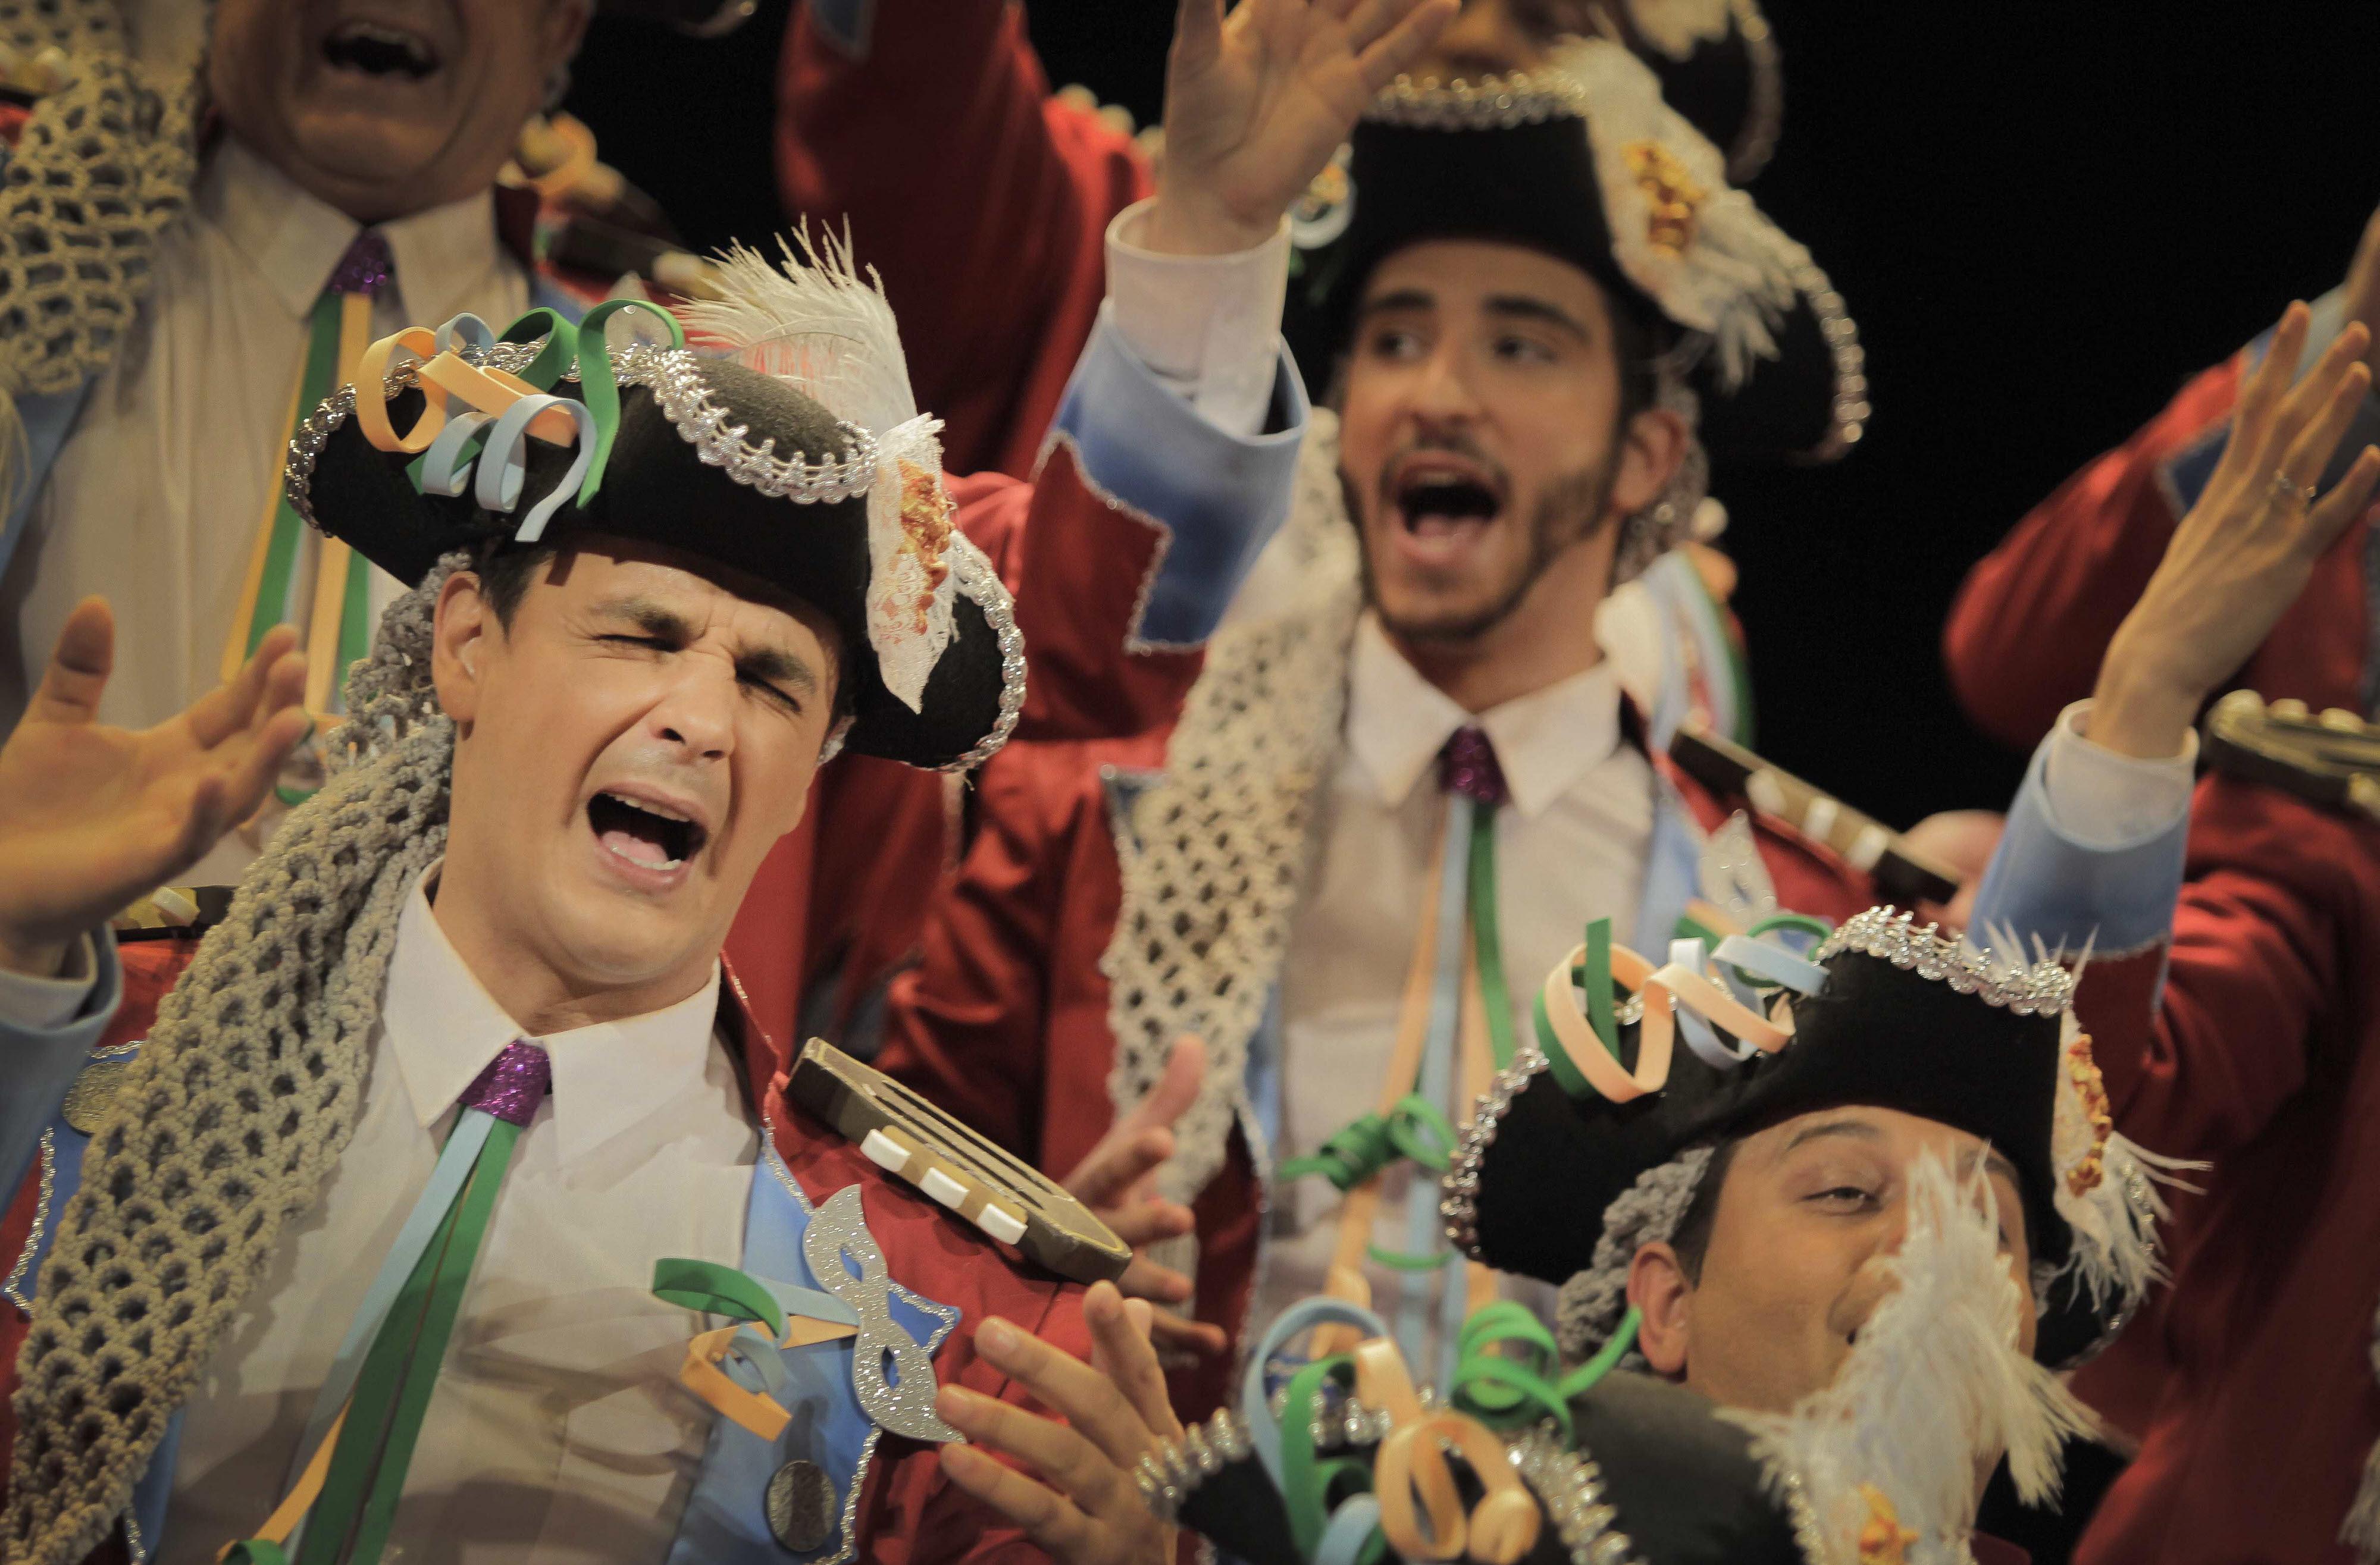 Listado de orden de actuación del Concurso del Carnaval 2015 de adultos